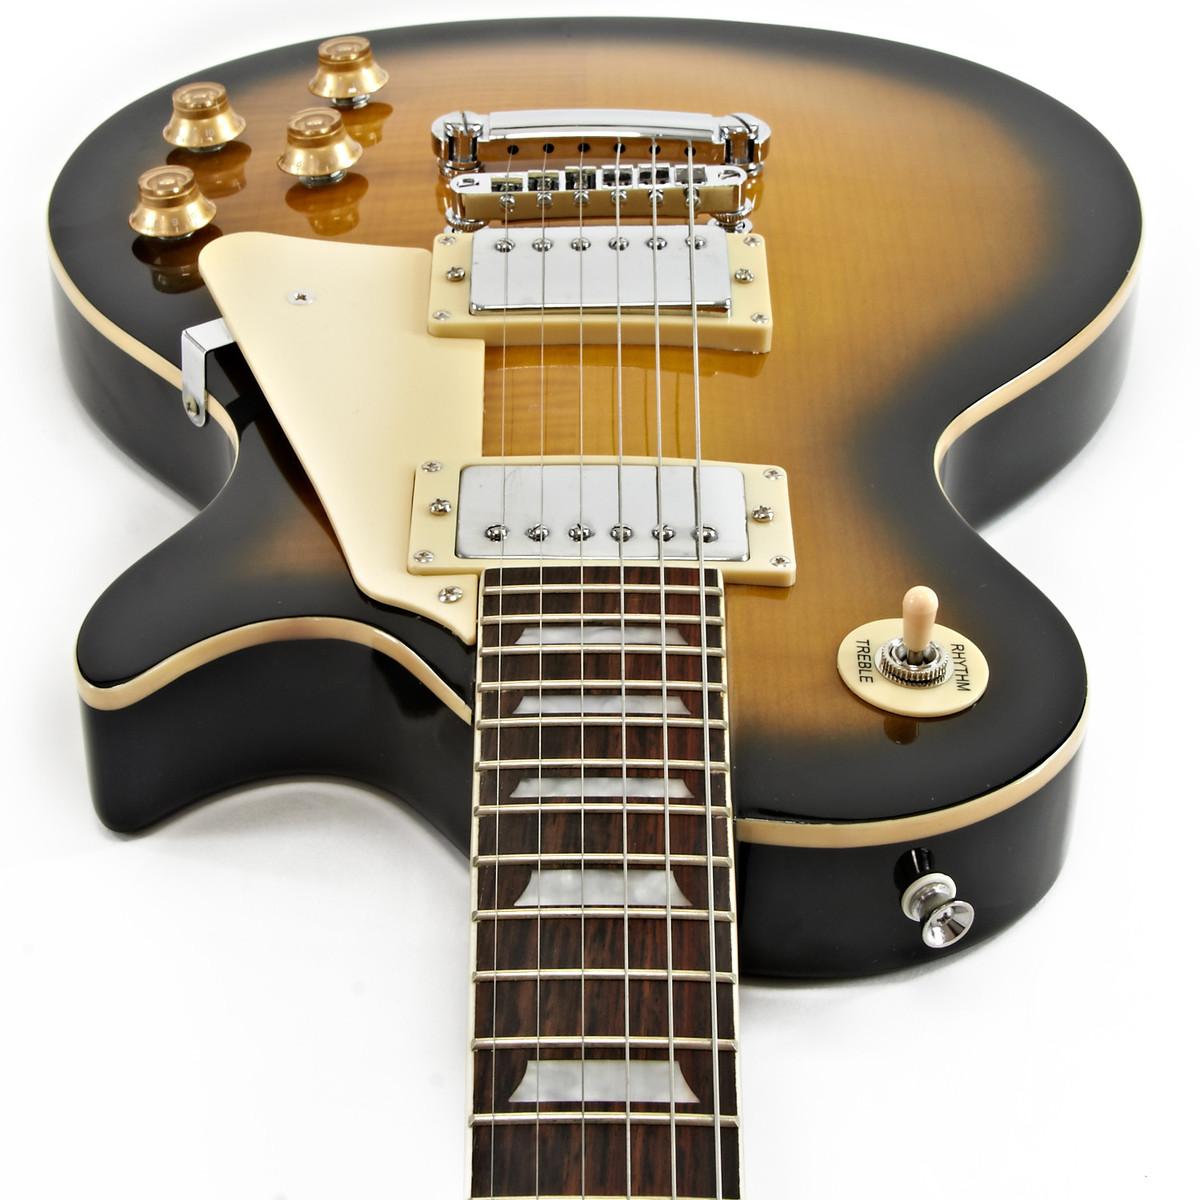 erityinen osa hyvä istuvuus hieno tyyli New Jersey Electric Guitar by Gear4music, Sunburst - Box Opened